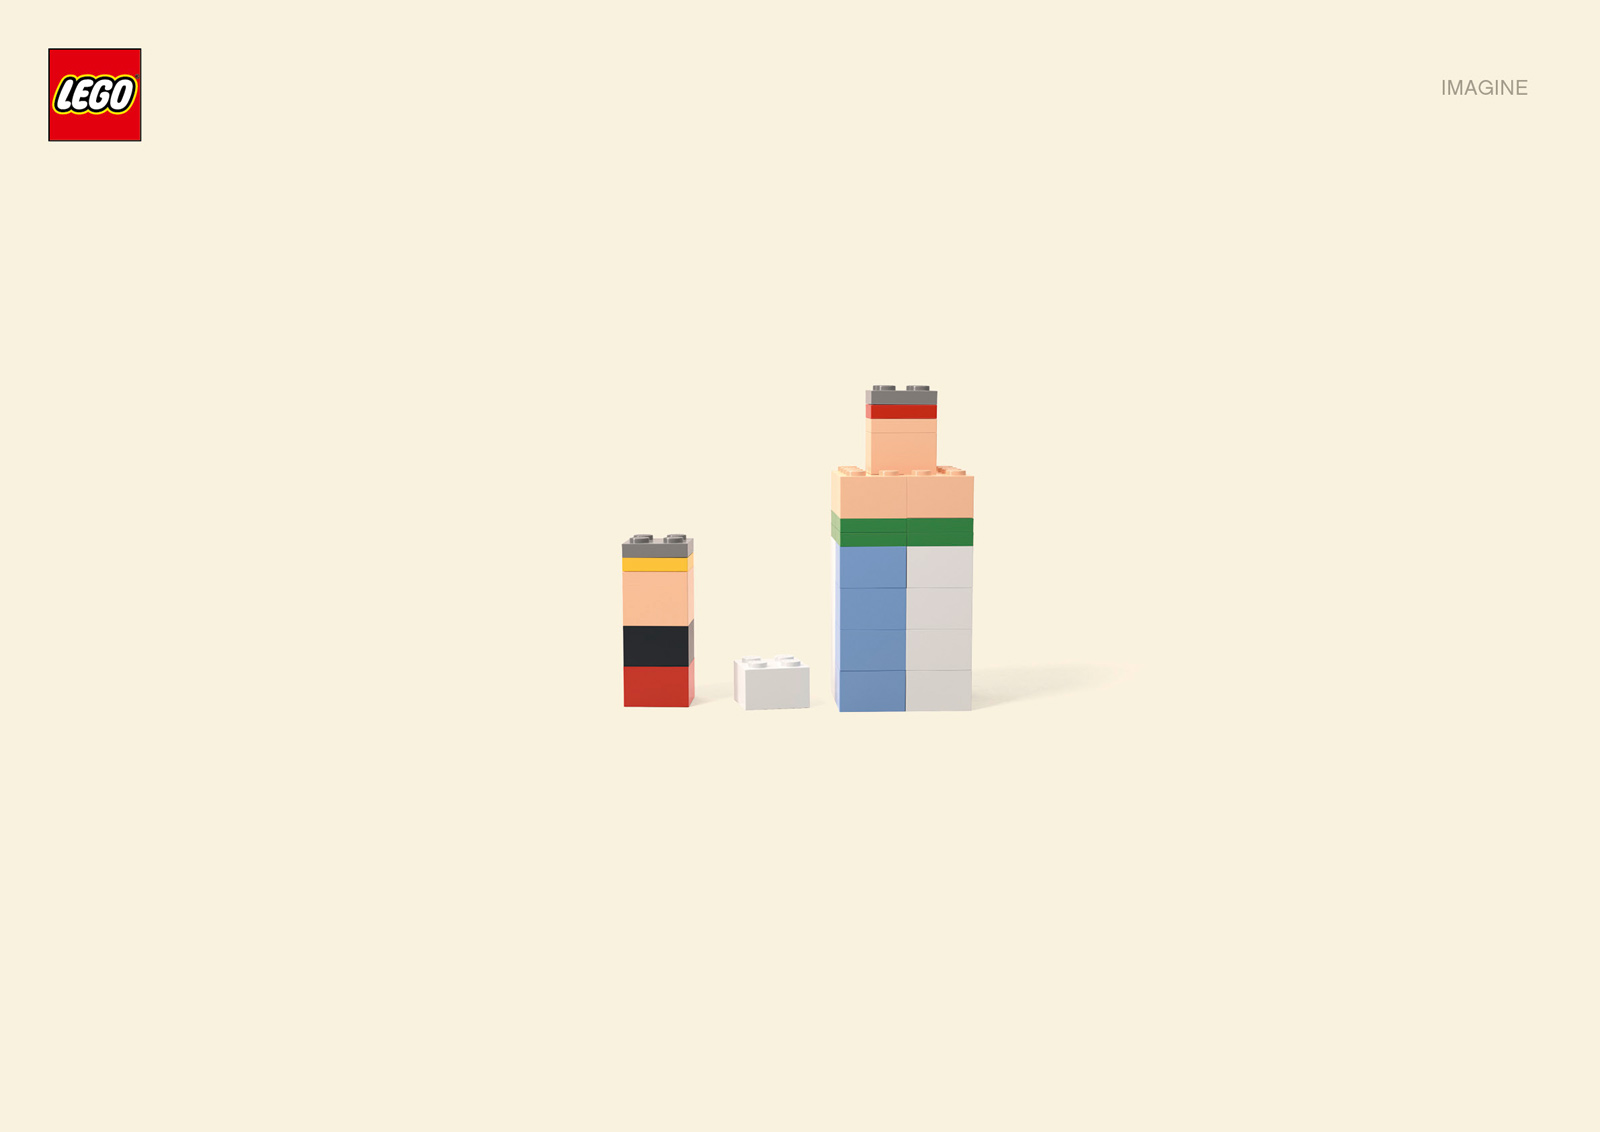 LEGO: Asterix & Obelix